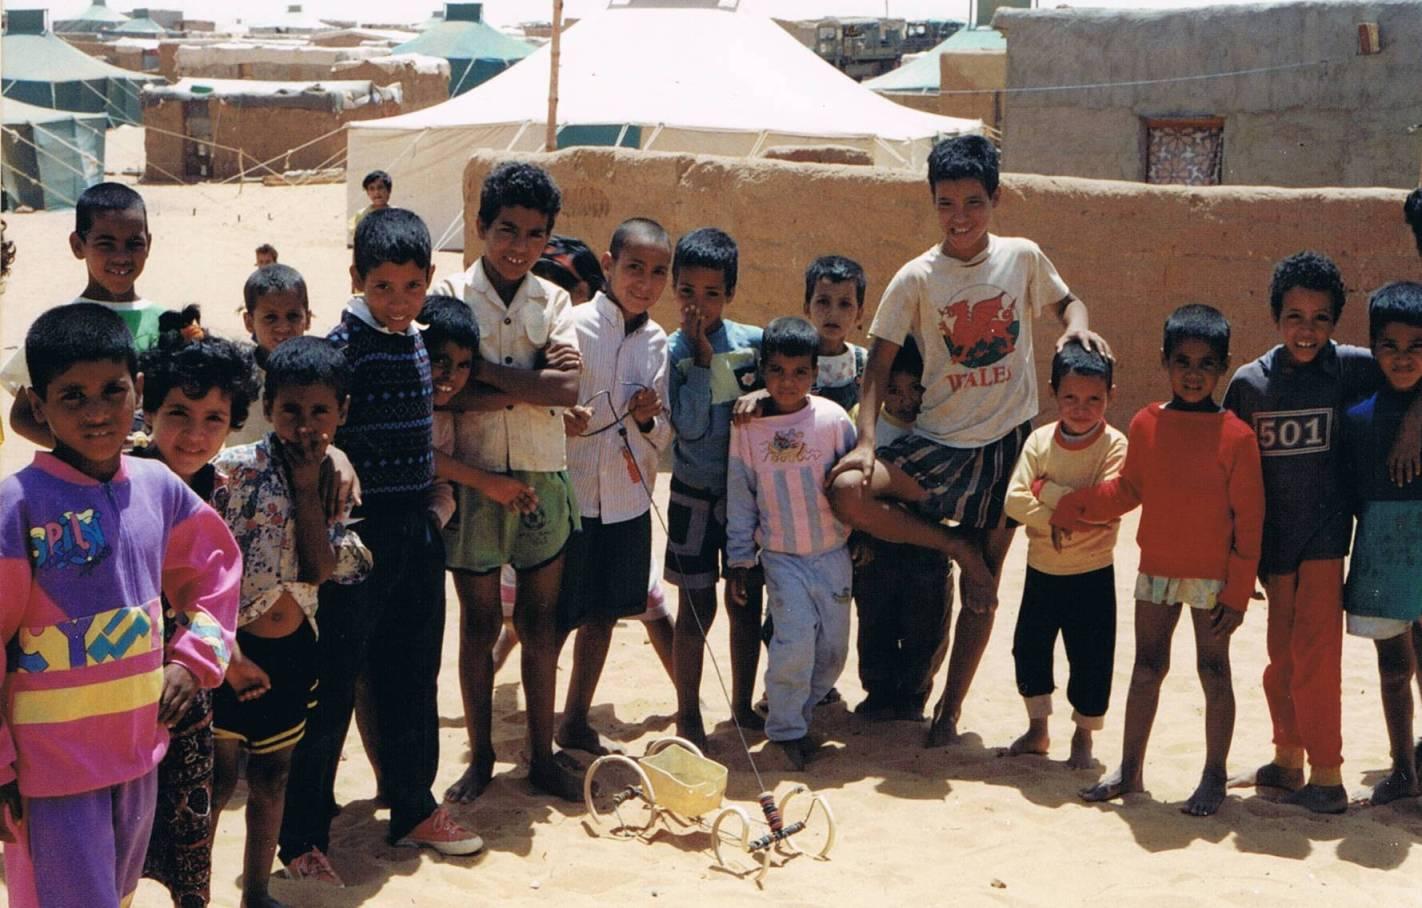 Niños sahrauís en los campamentos de refugiados de Tindouf.